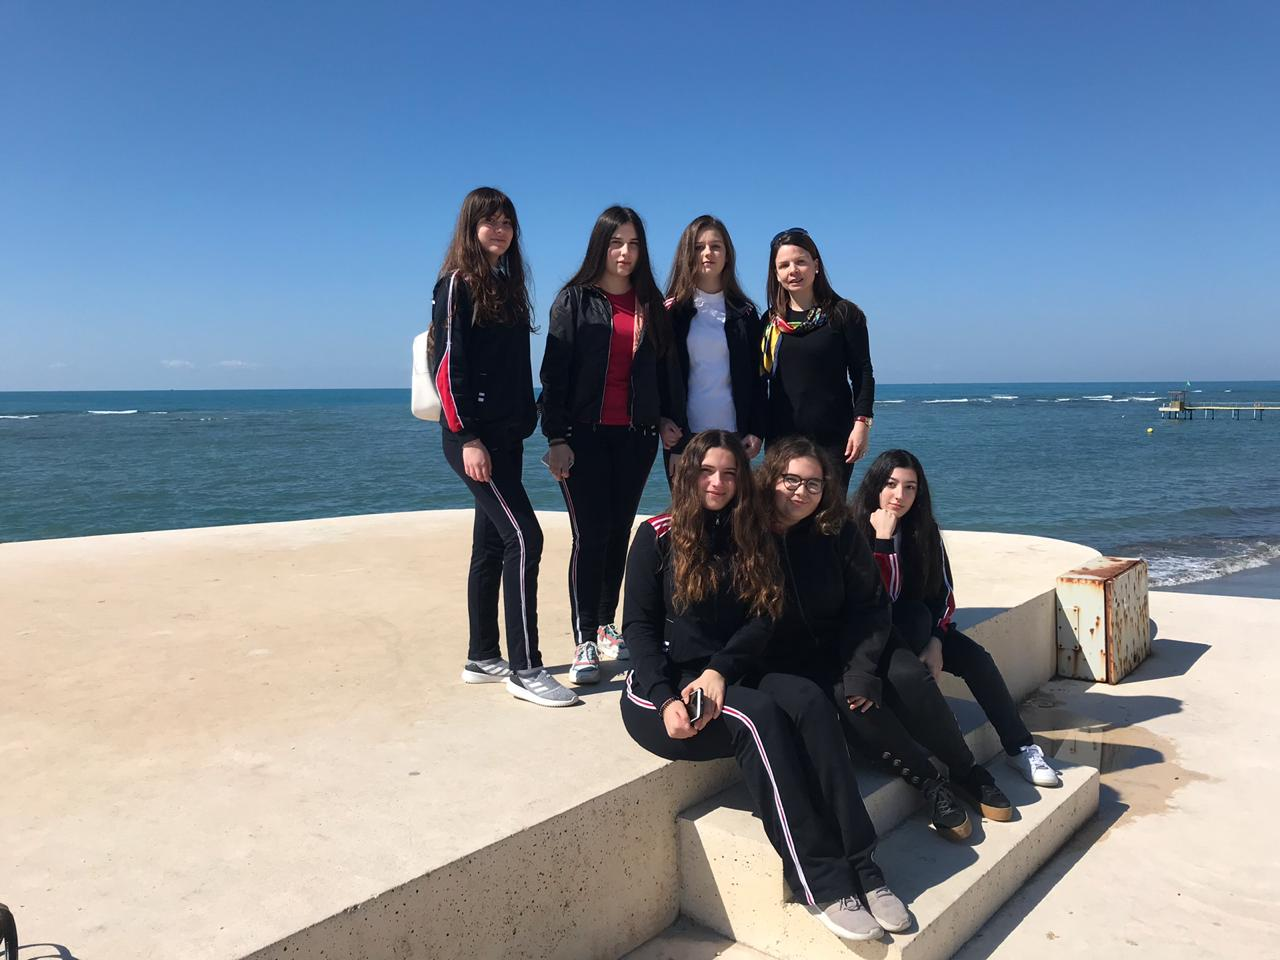 Shëtitje në Durrës me dy klasa të nënta